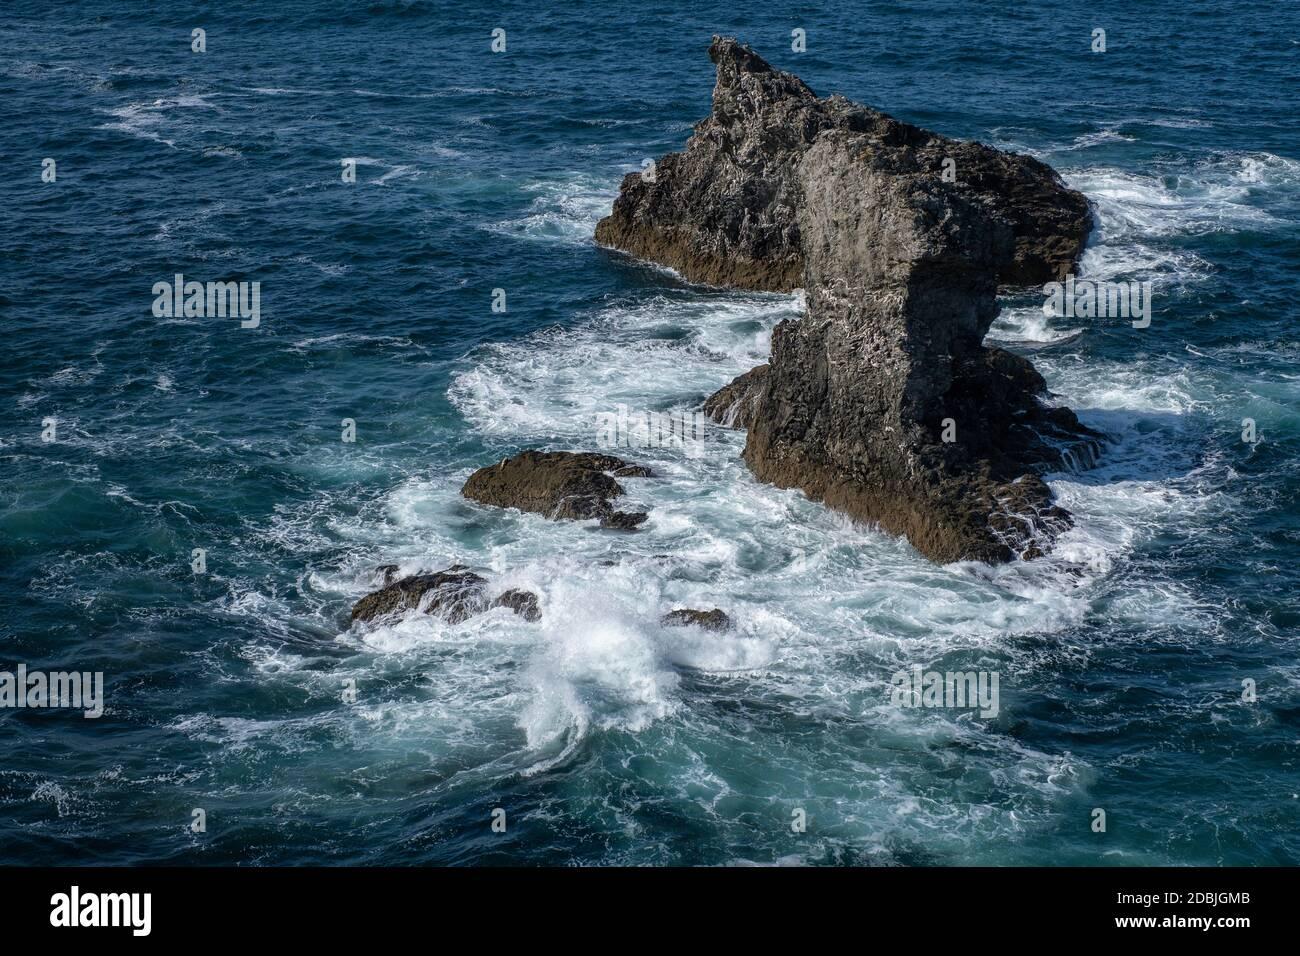 Bilderwelten Poster Claude Monet Gl/änzend 30 x 30cm Felsengruppe Port-Goulphar Quadrat